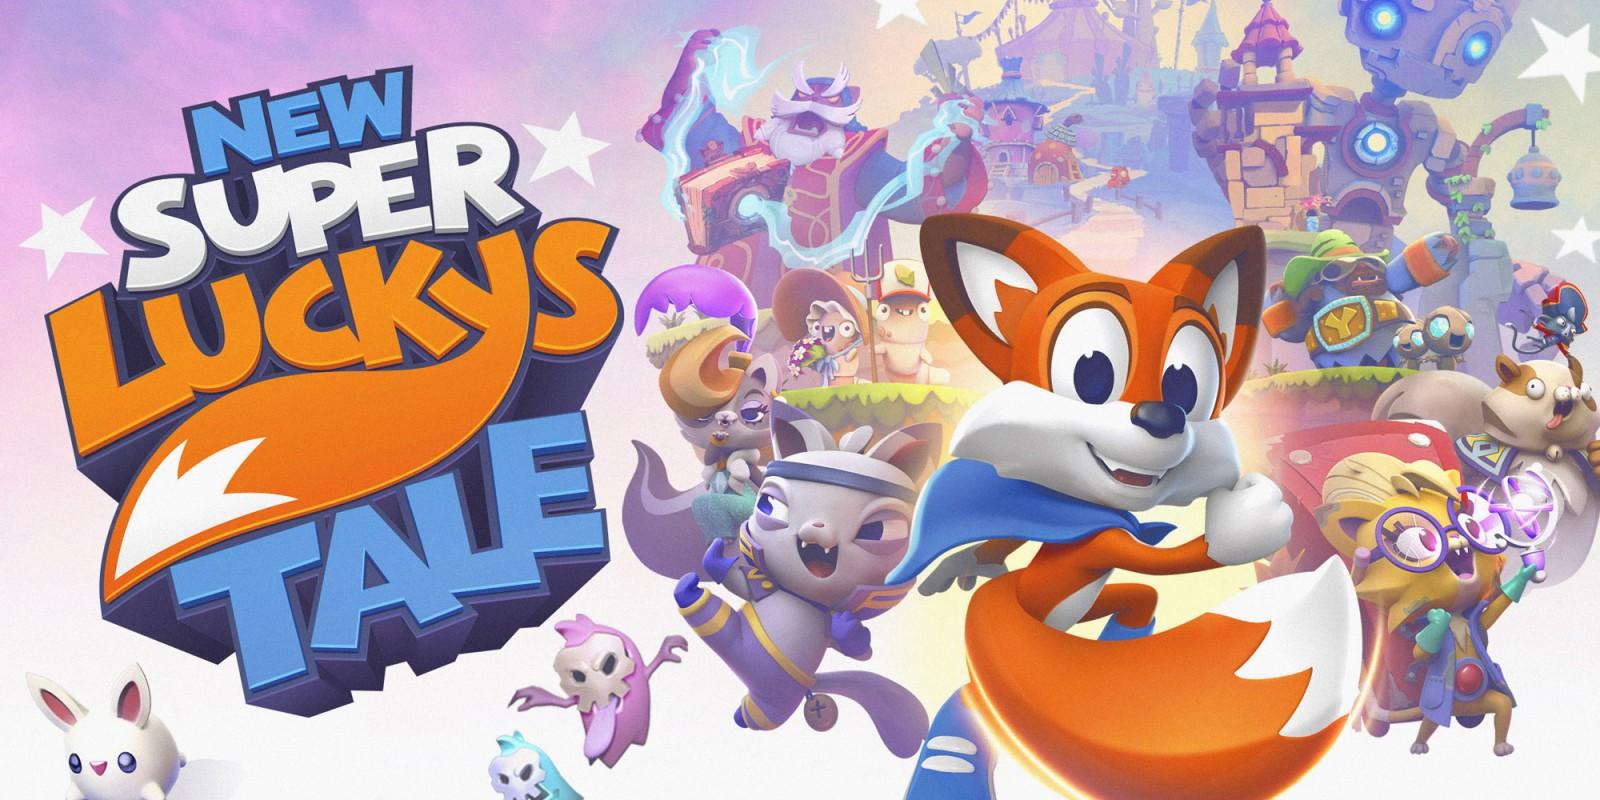 Ανοιχτοί σε sequel του New Super Luckys οι developers του τίτλου